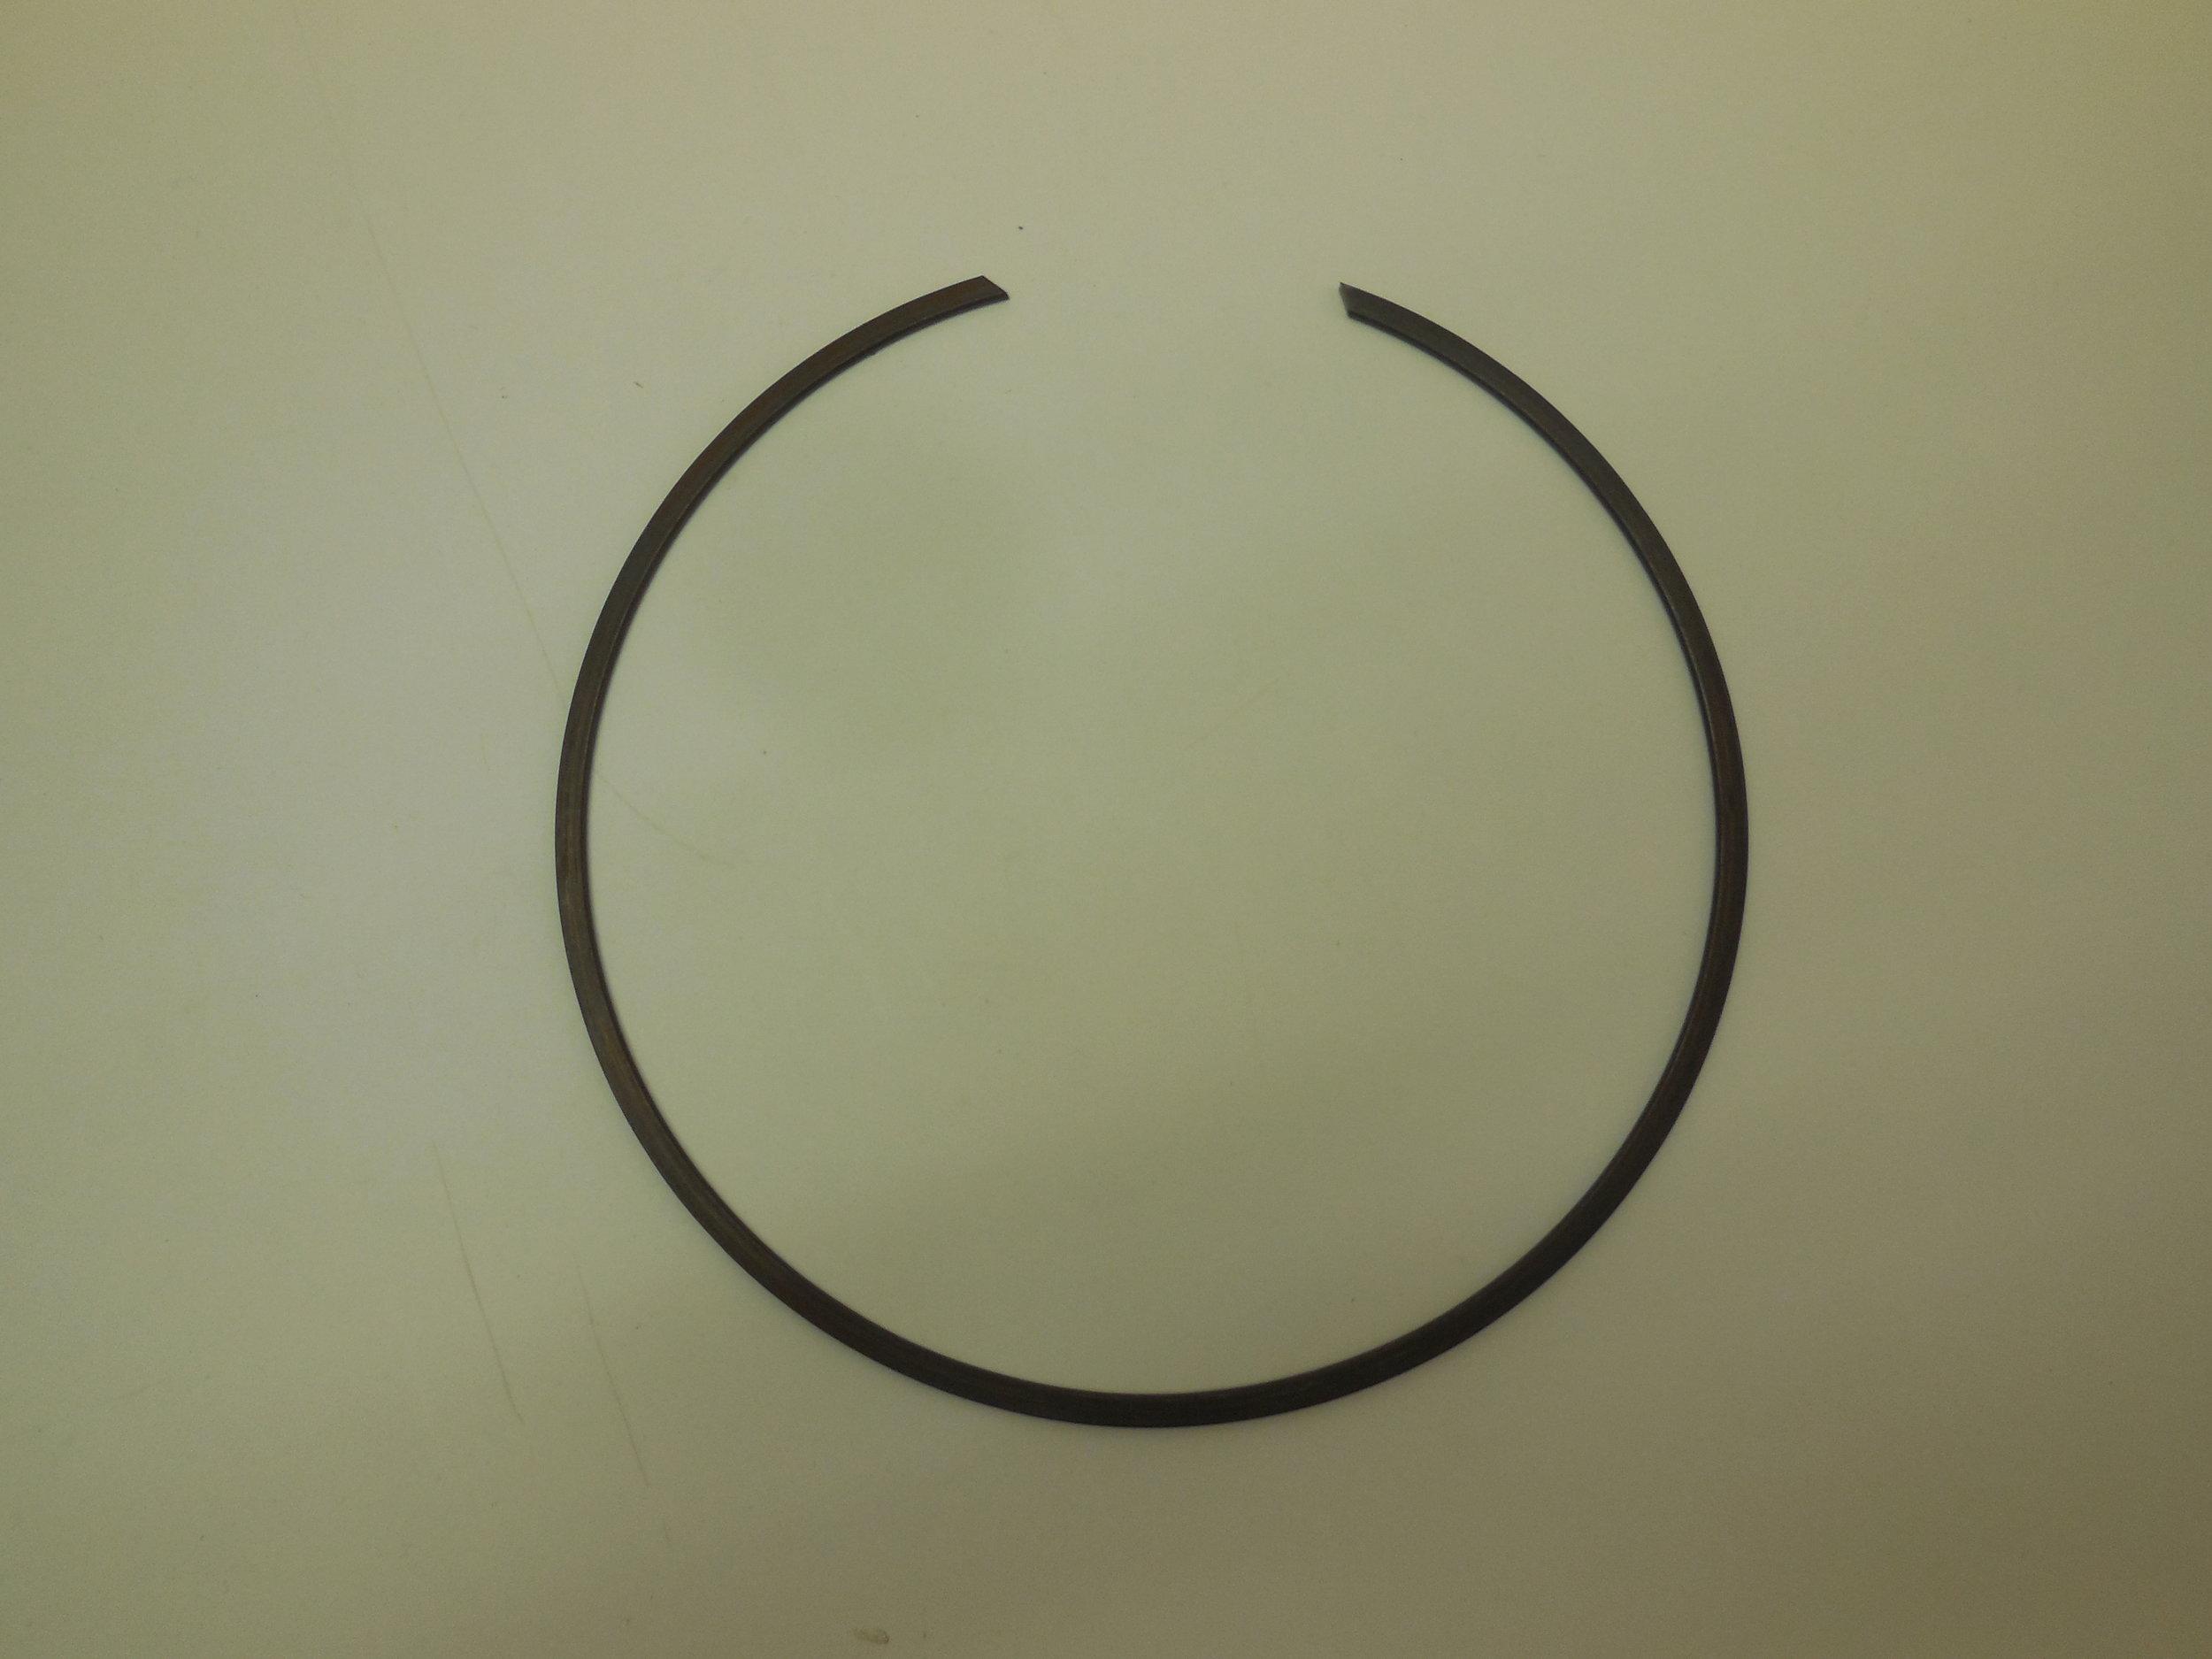 Locking ring MB Nr: 115 272 04 73 Price: 40 SEk